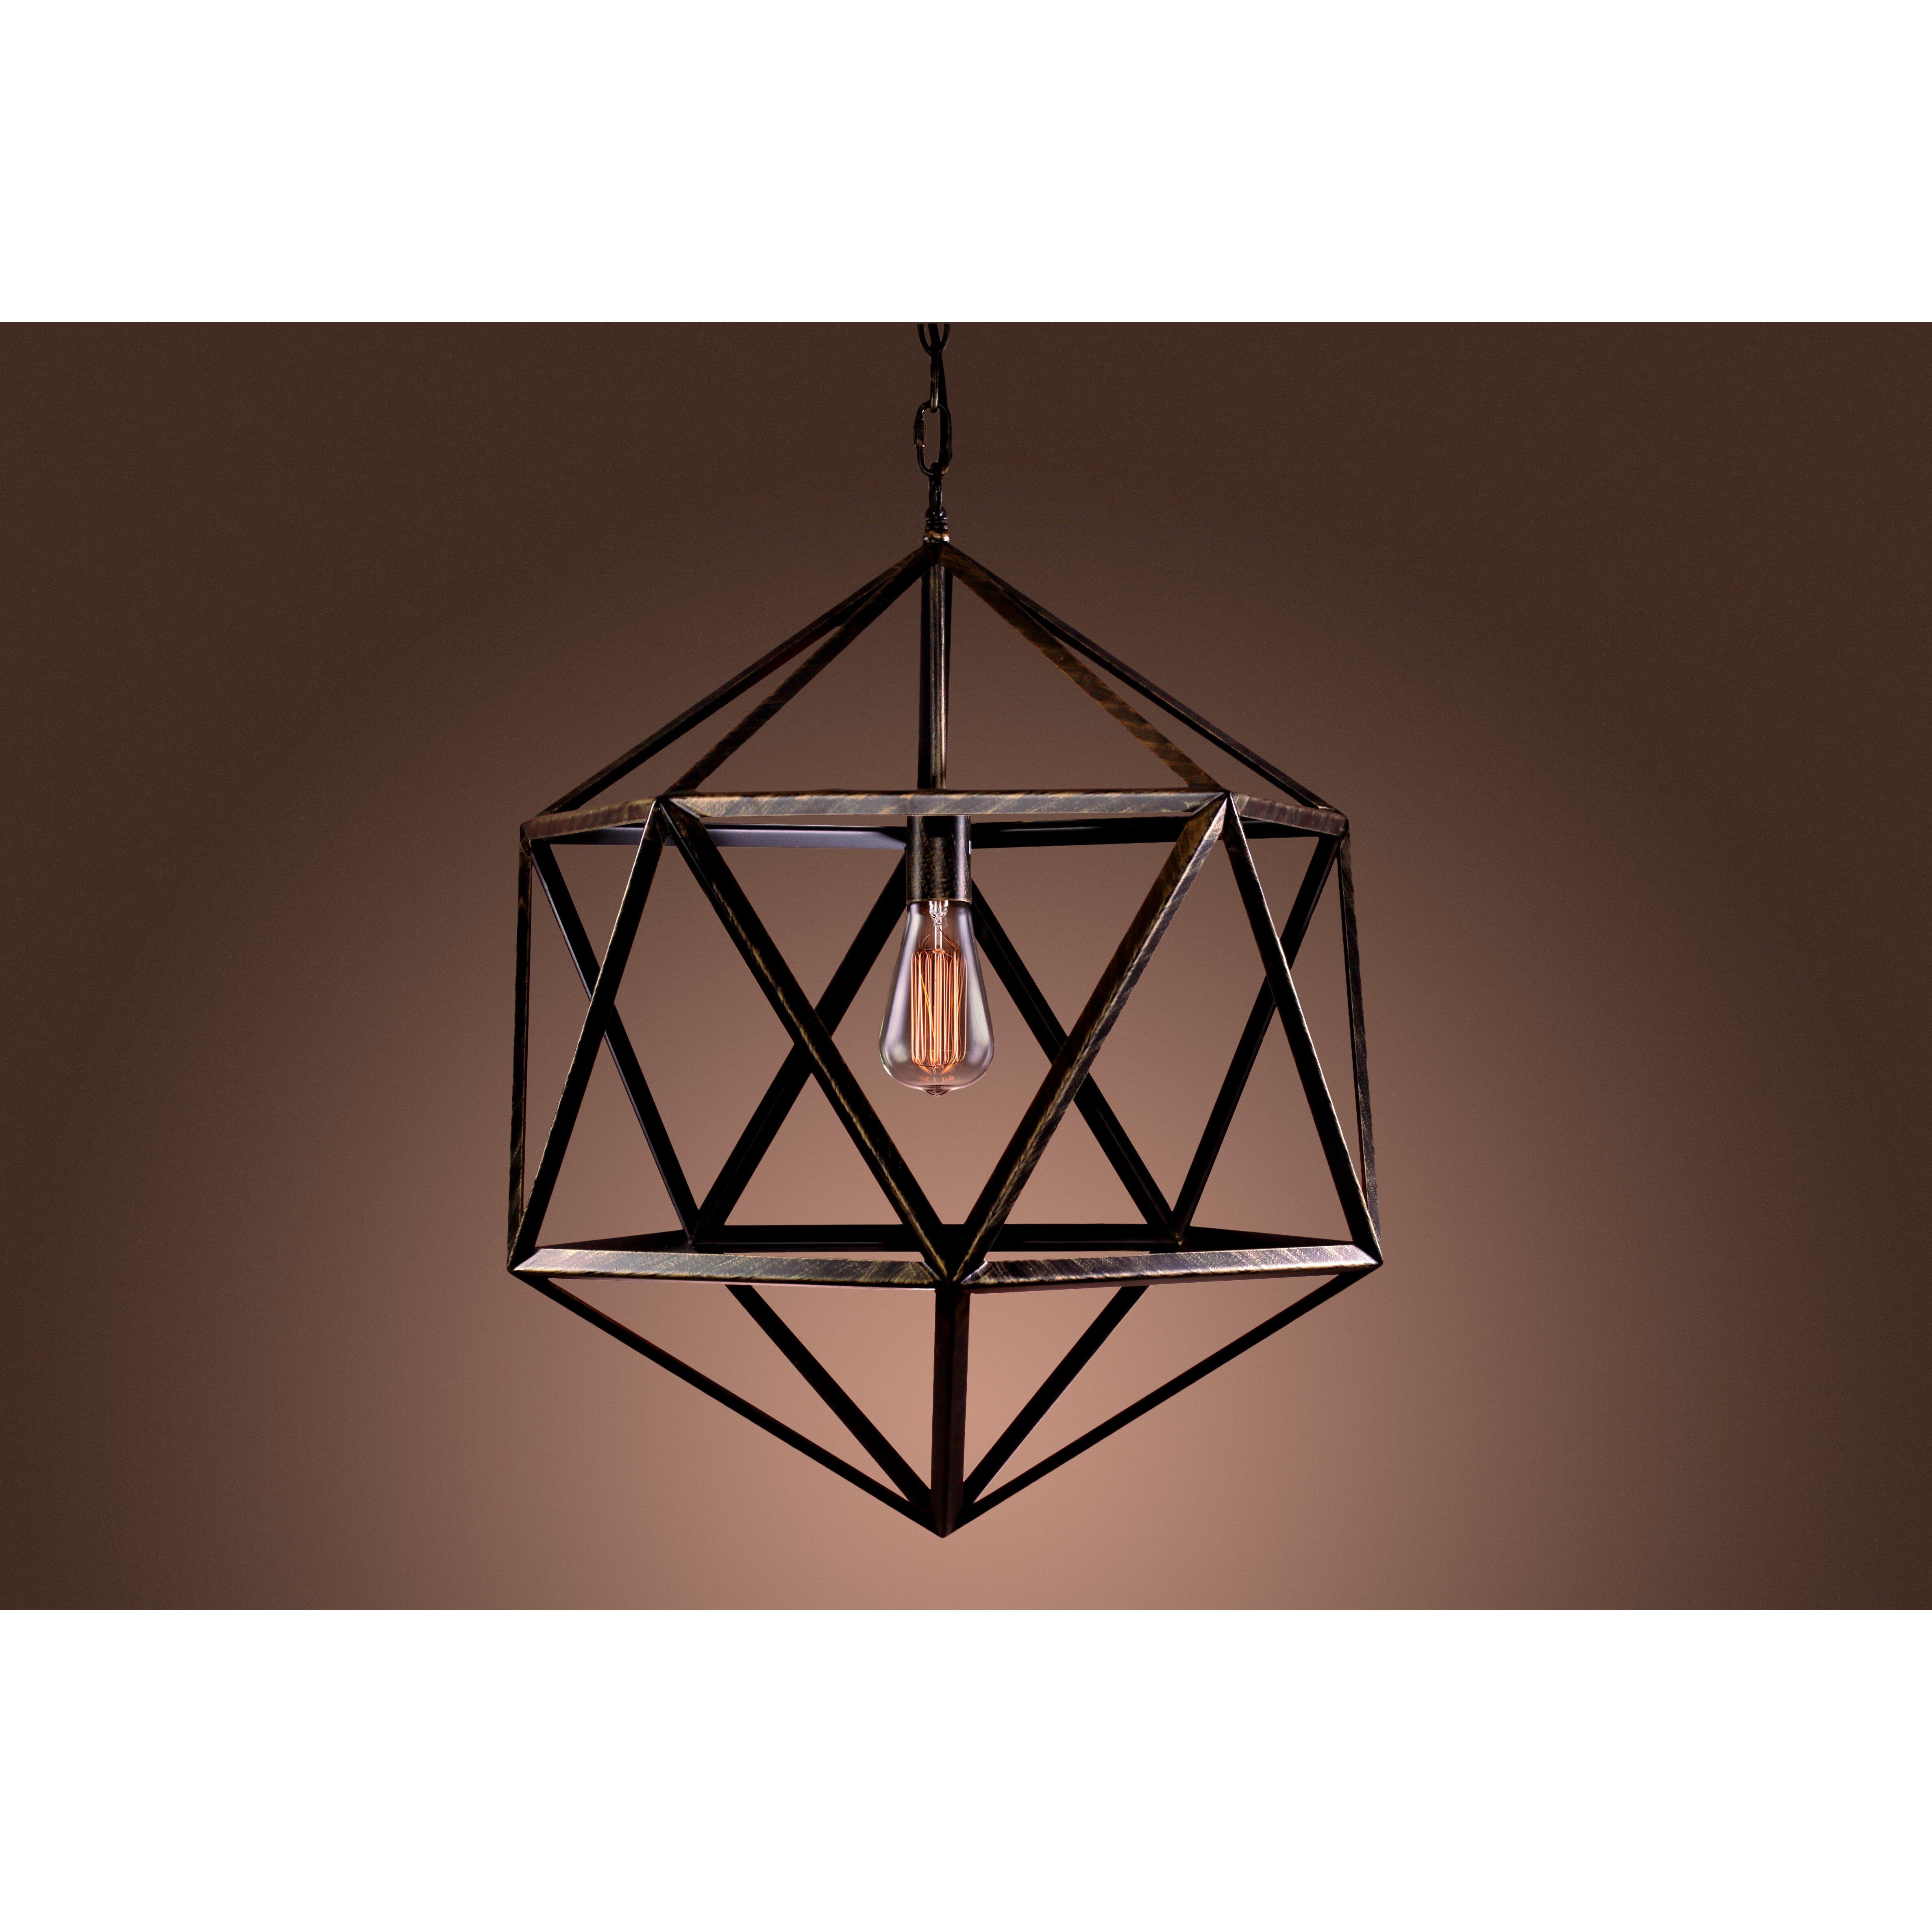 Foyer Lighting Overstock : Warehouse of tiffany mccoy light foyer pendant reviews